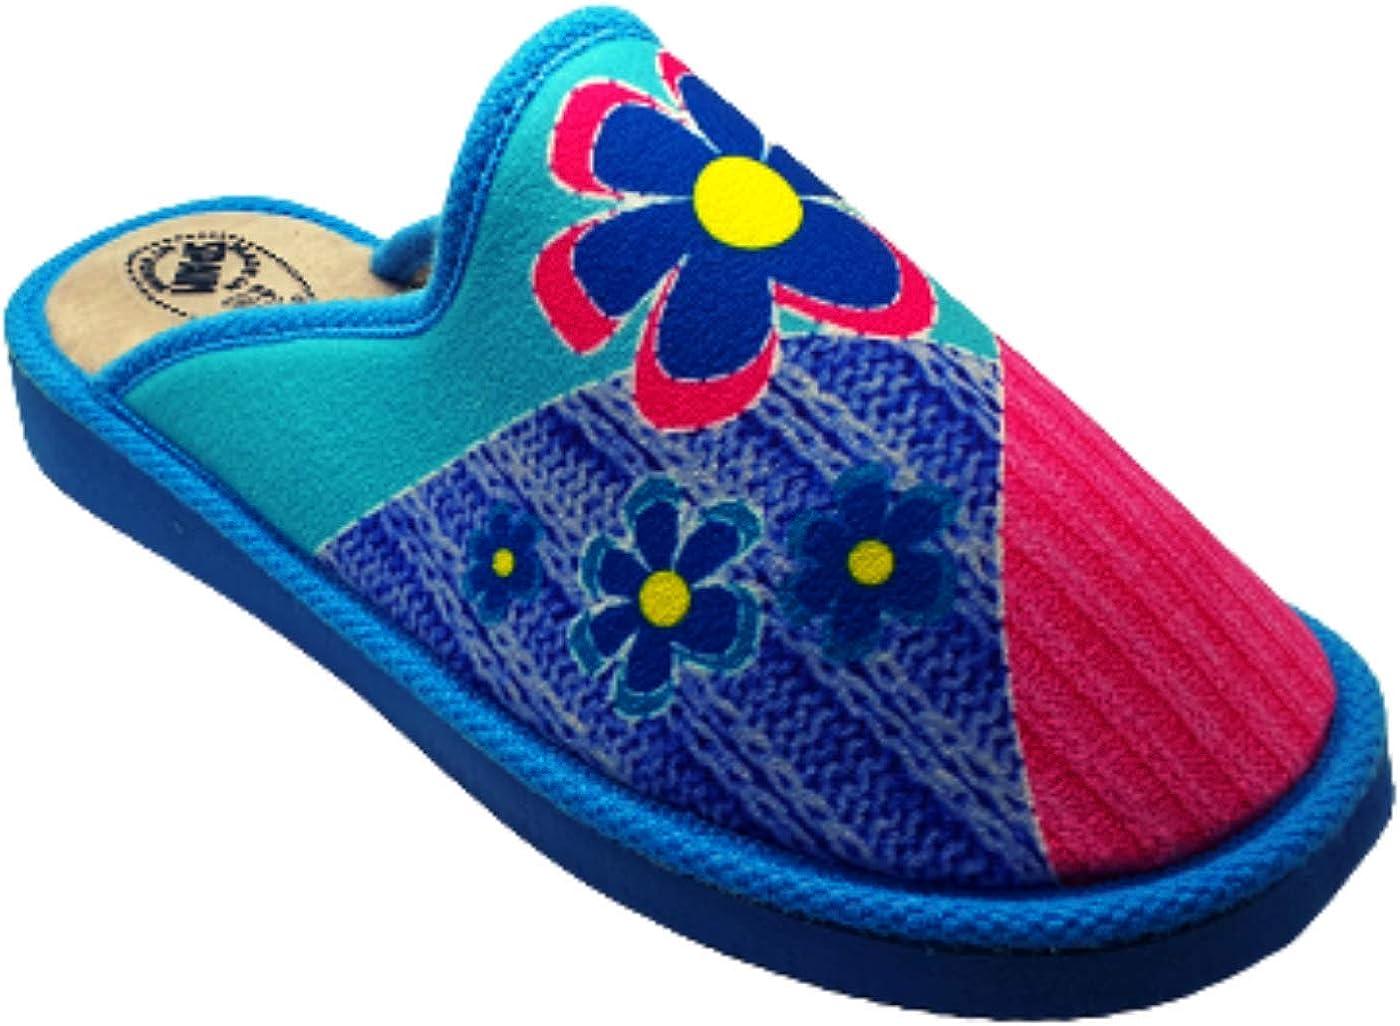 Zapatillas Casa Mujer Producto Espa/ña Pantuflas Felpa Suela Cu/ña Babuchas Mujer Invitados Slippers Zapatillas de Estar por Casa a Diario